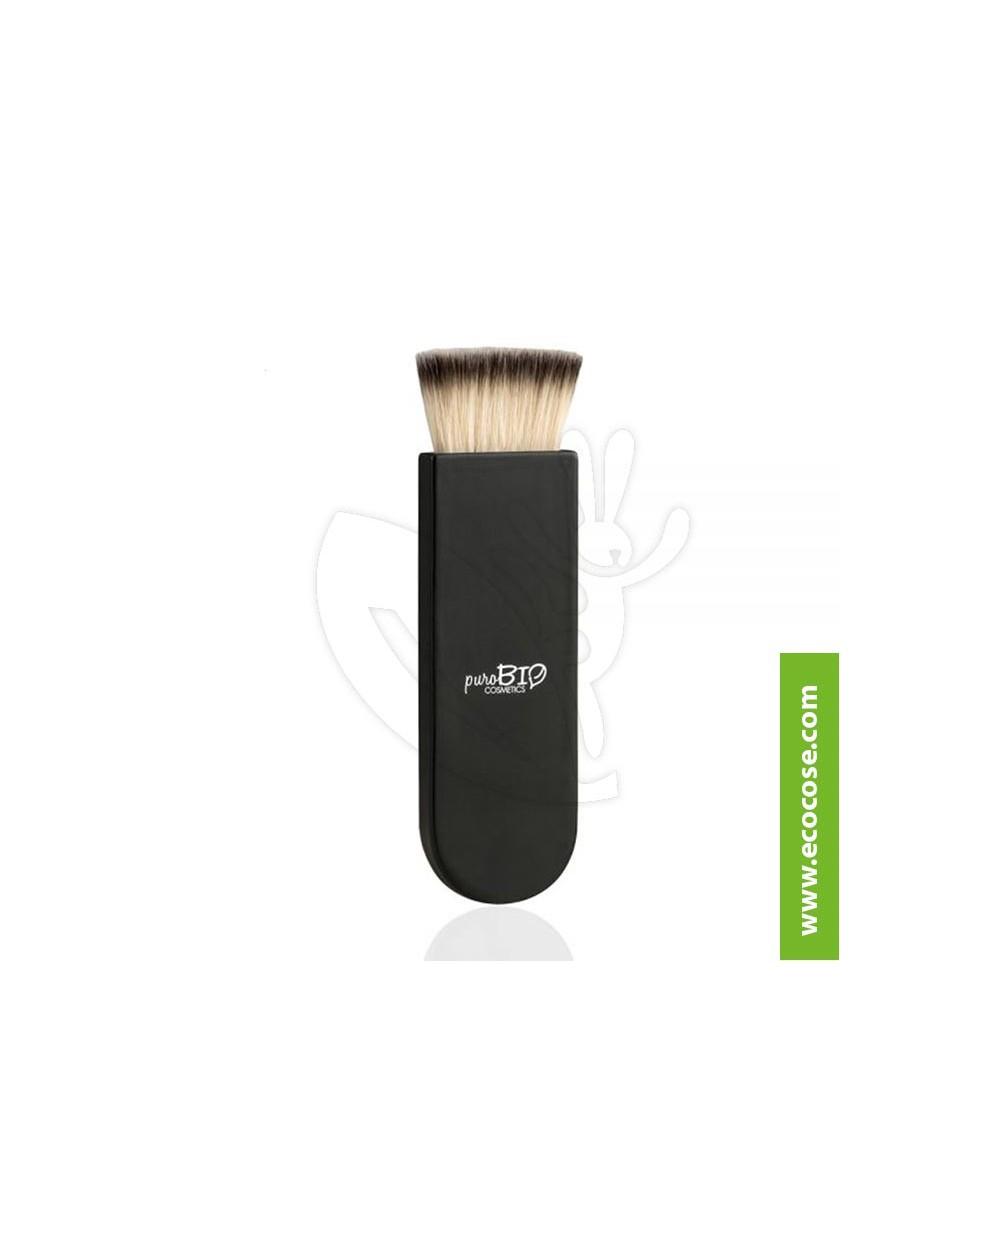 PuroBIO Cosmetics - Pennello 12 Contouring Flat